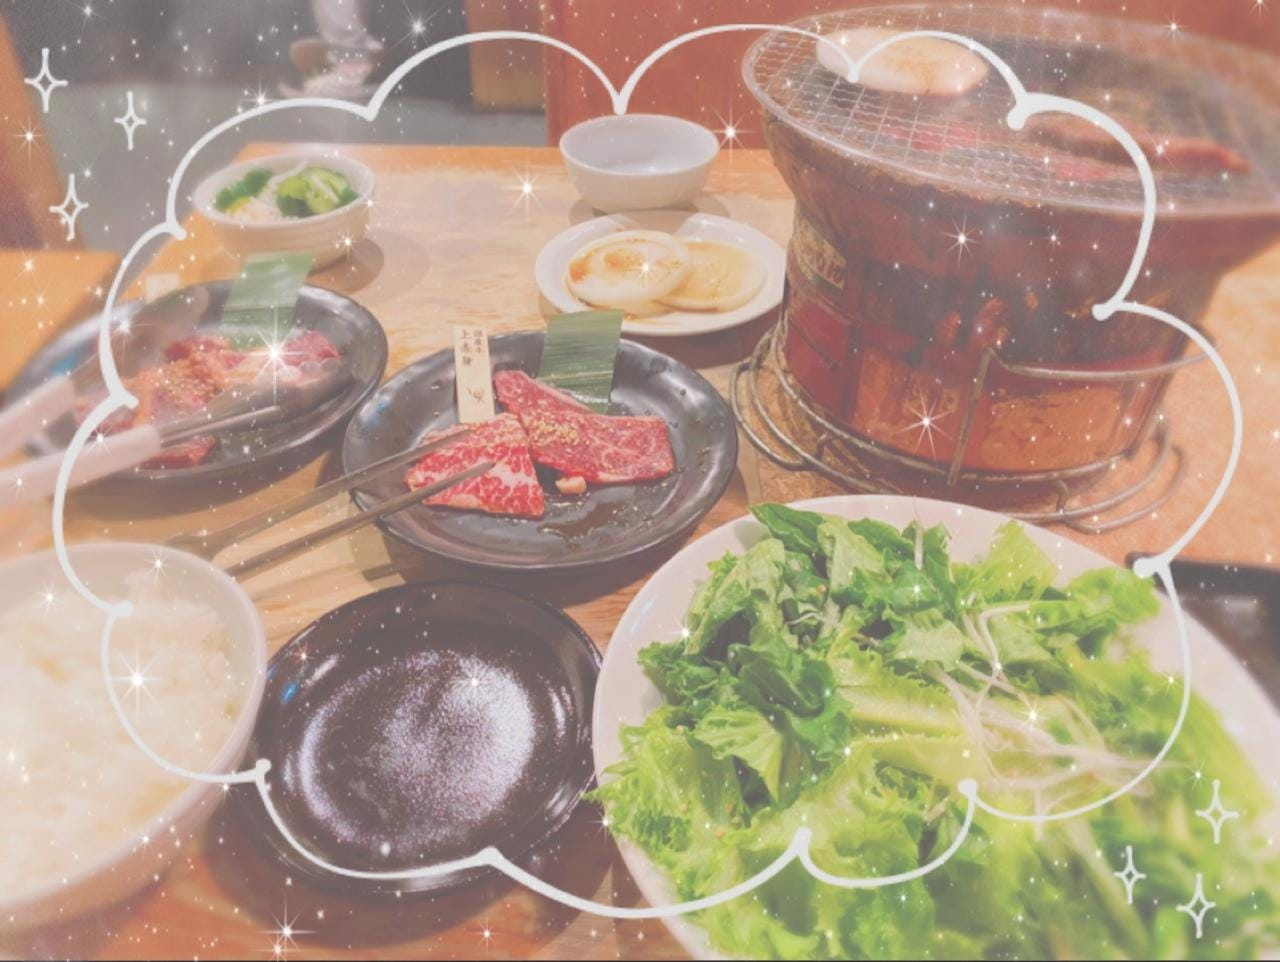 「1人焼肉!」10/28日(水) 03:55 | かえでの写メ・風俗動画